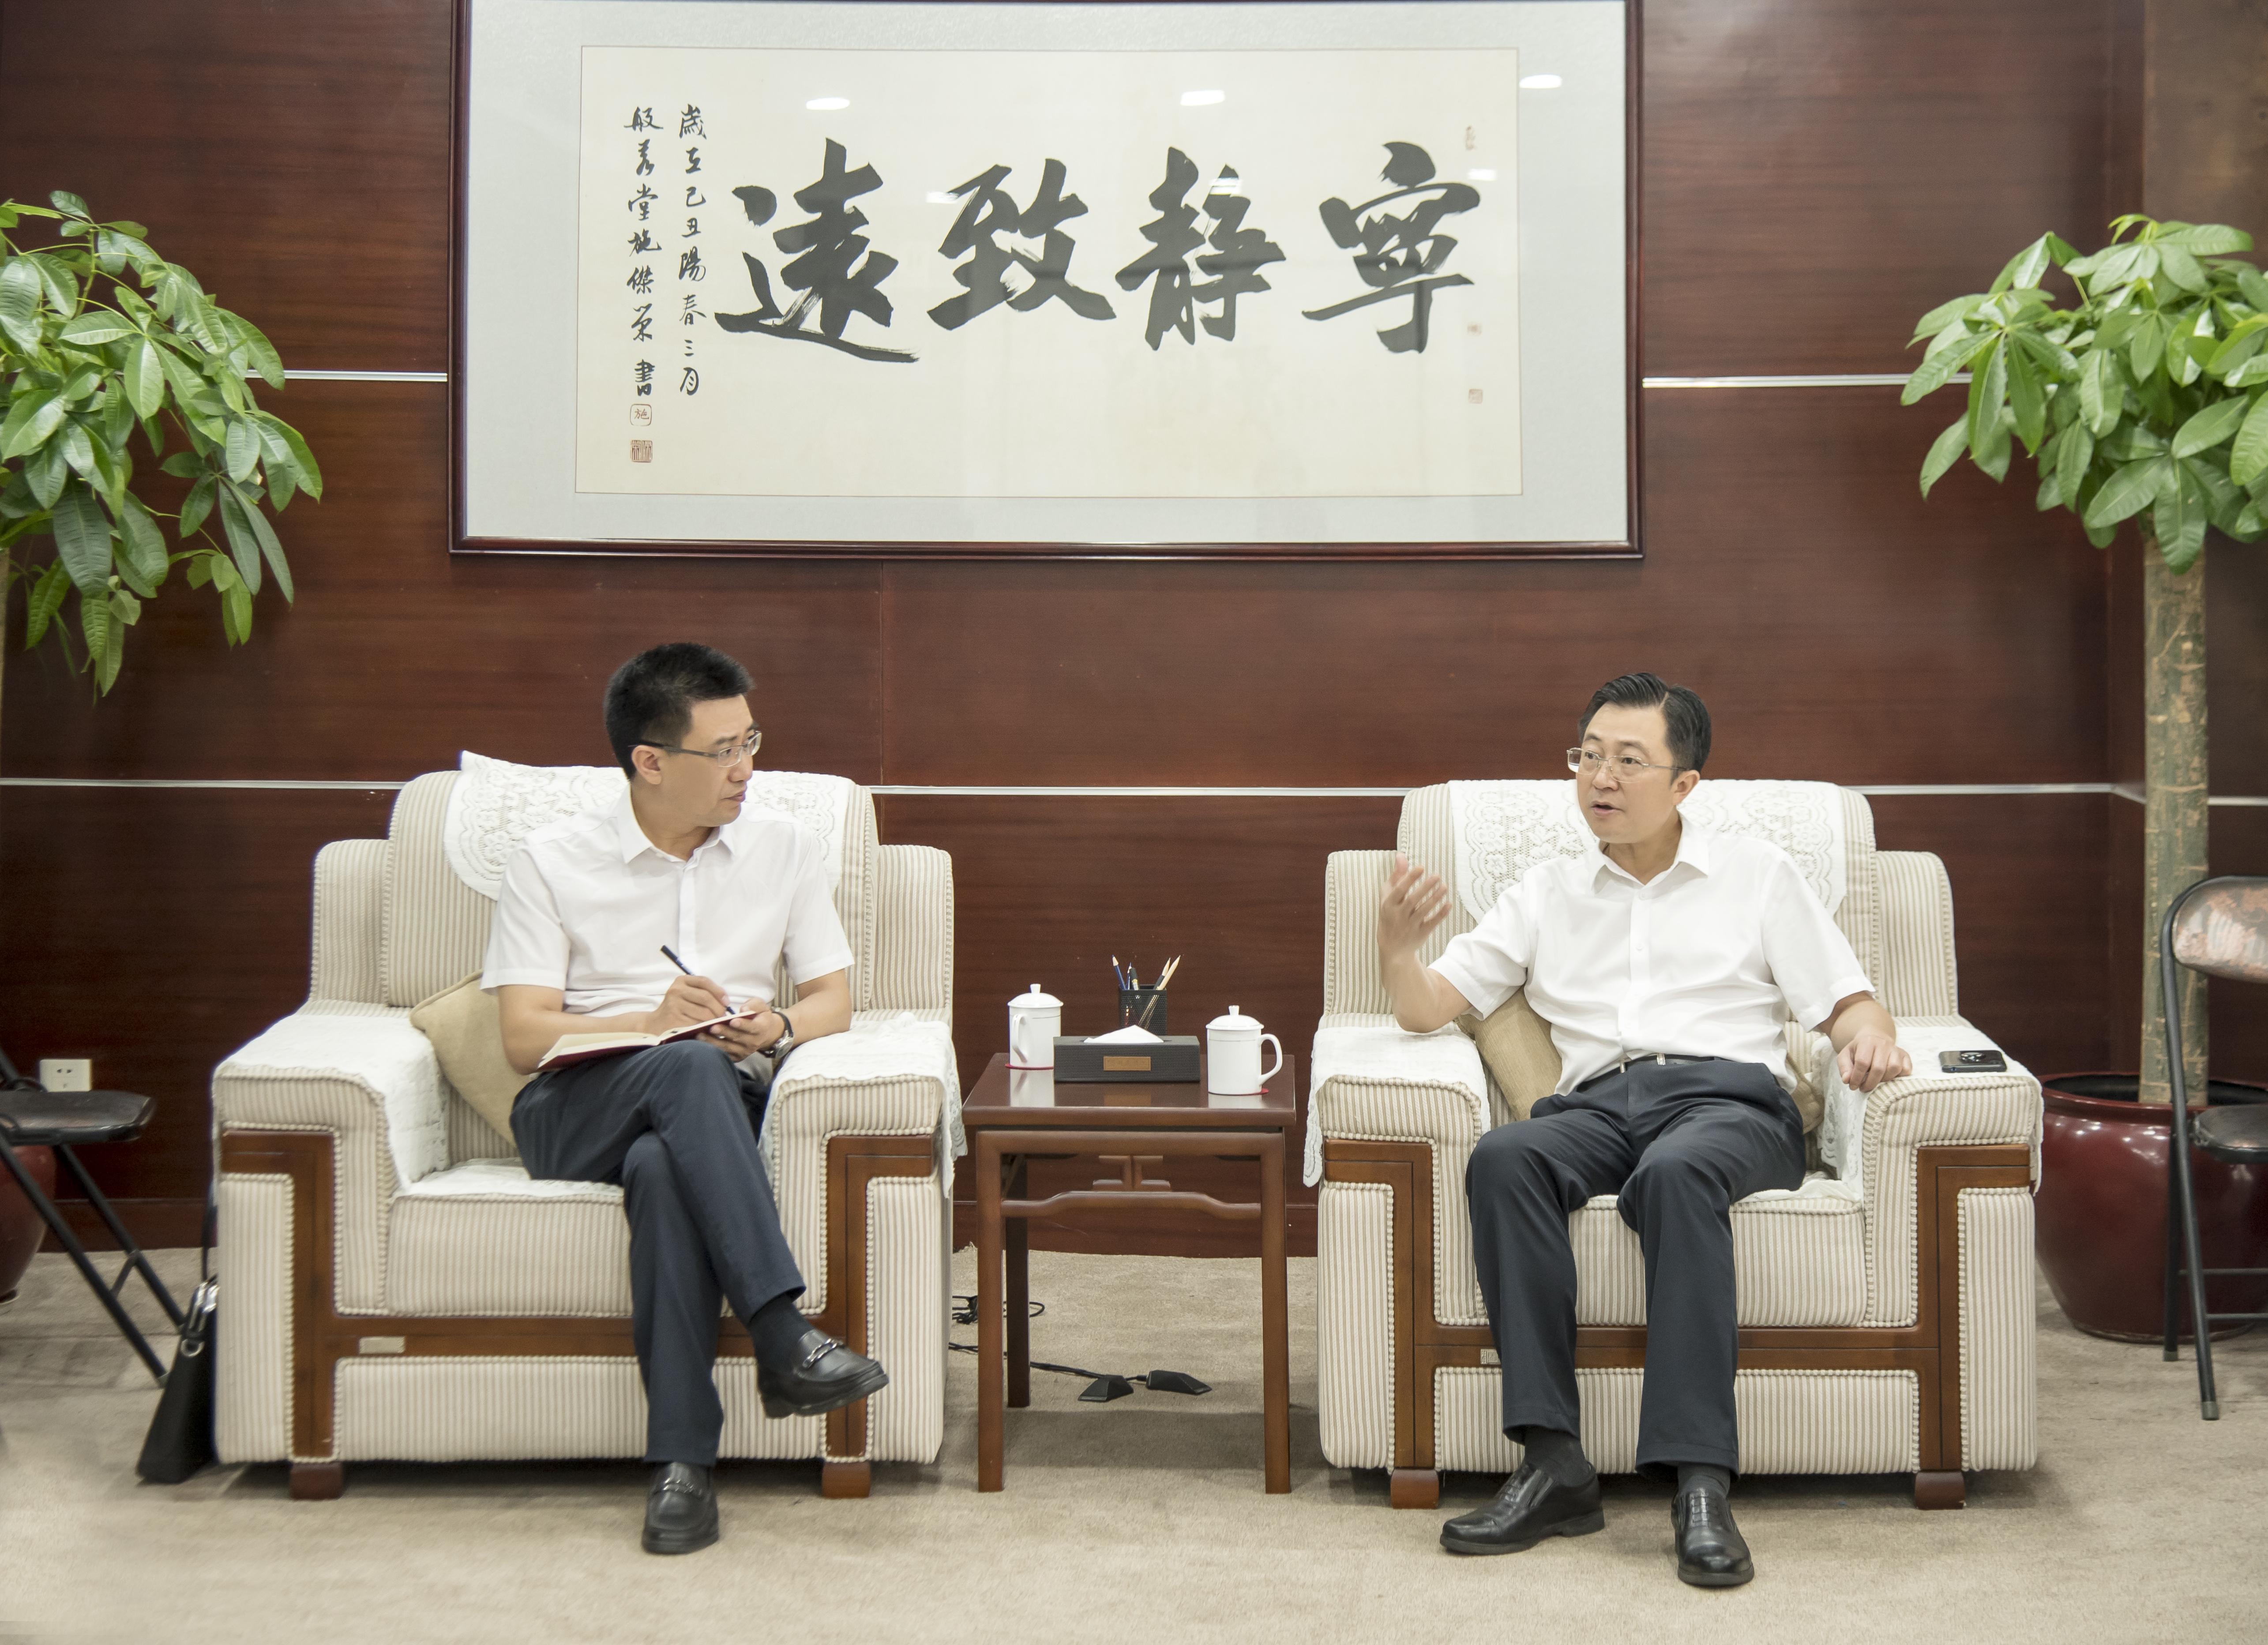 勇抓机遇开新局 ——专访湖南建工集团党委书记、董事长蔡典维